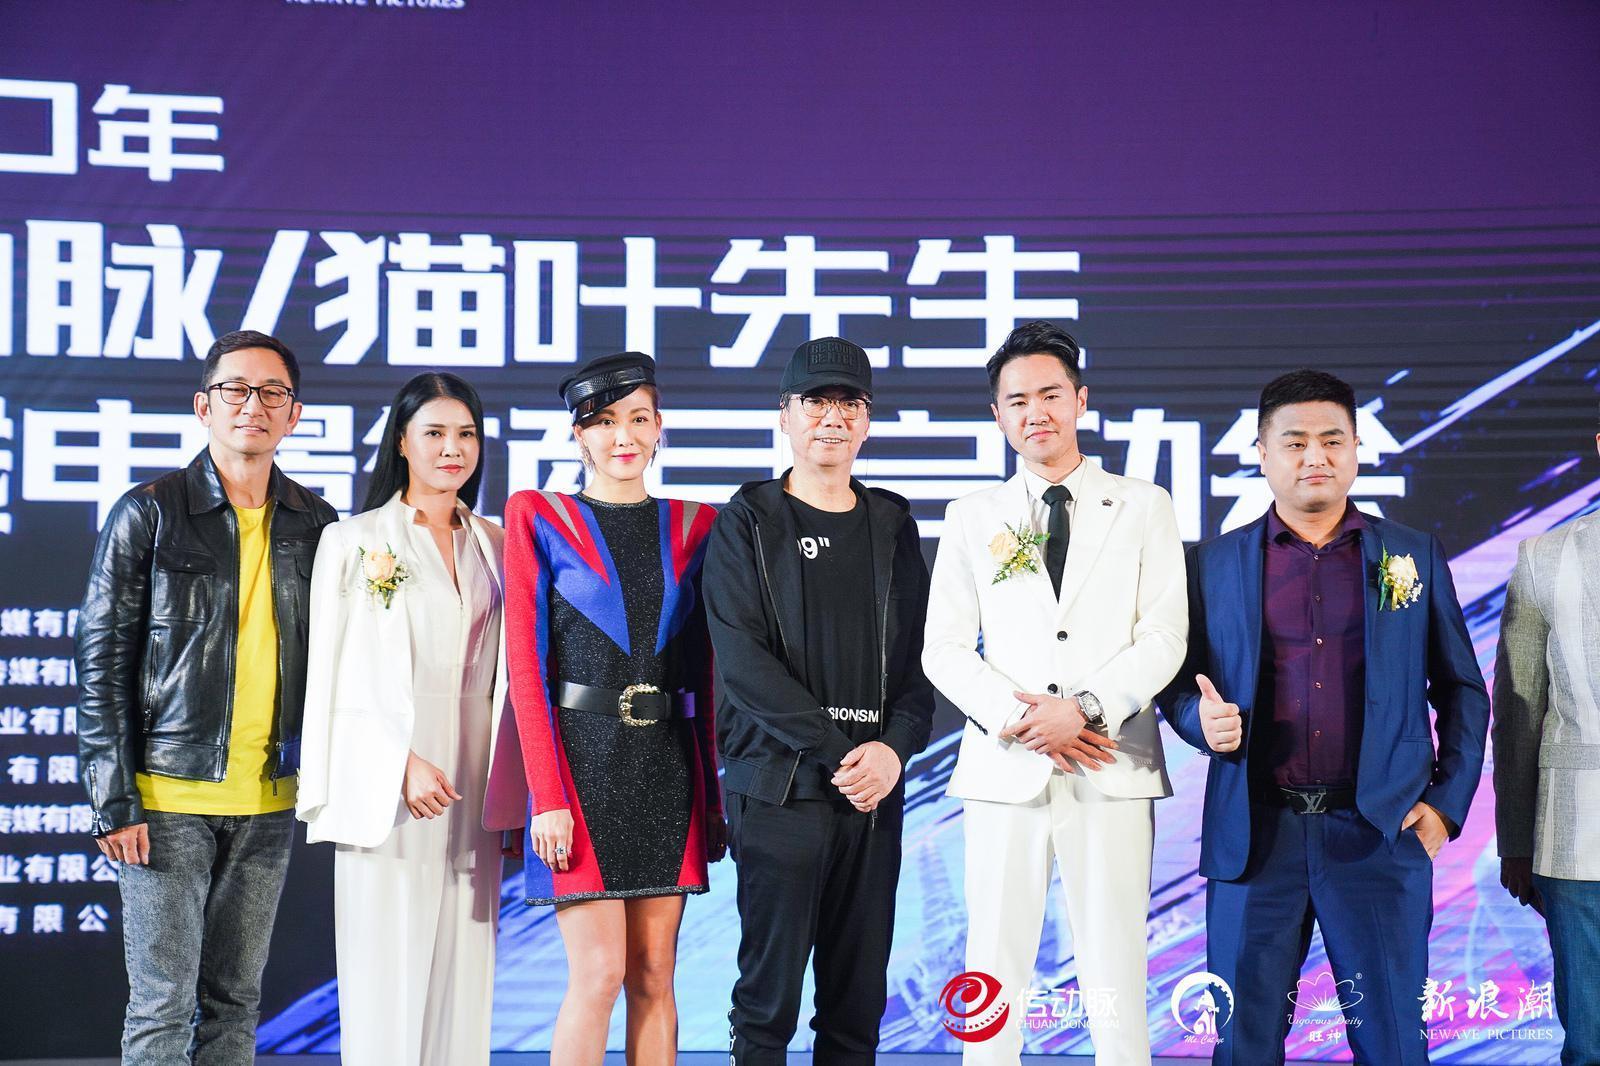 又有新电影要来厦门拍摄吴启华、 范明、梁小龙参加了启动仪式